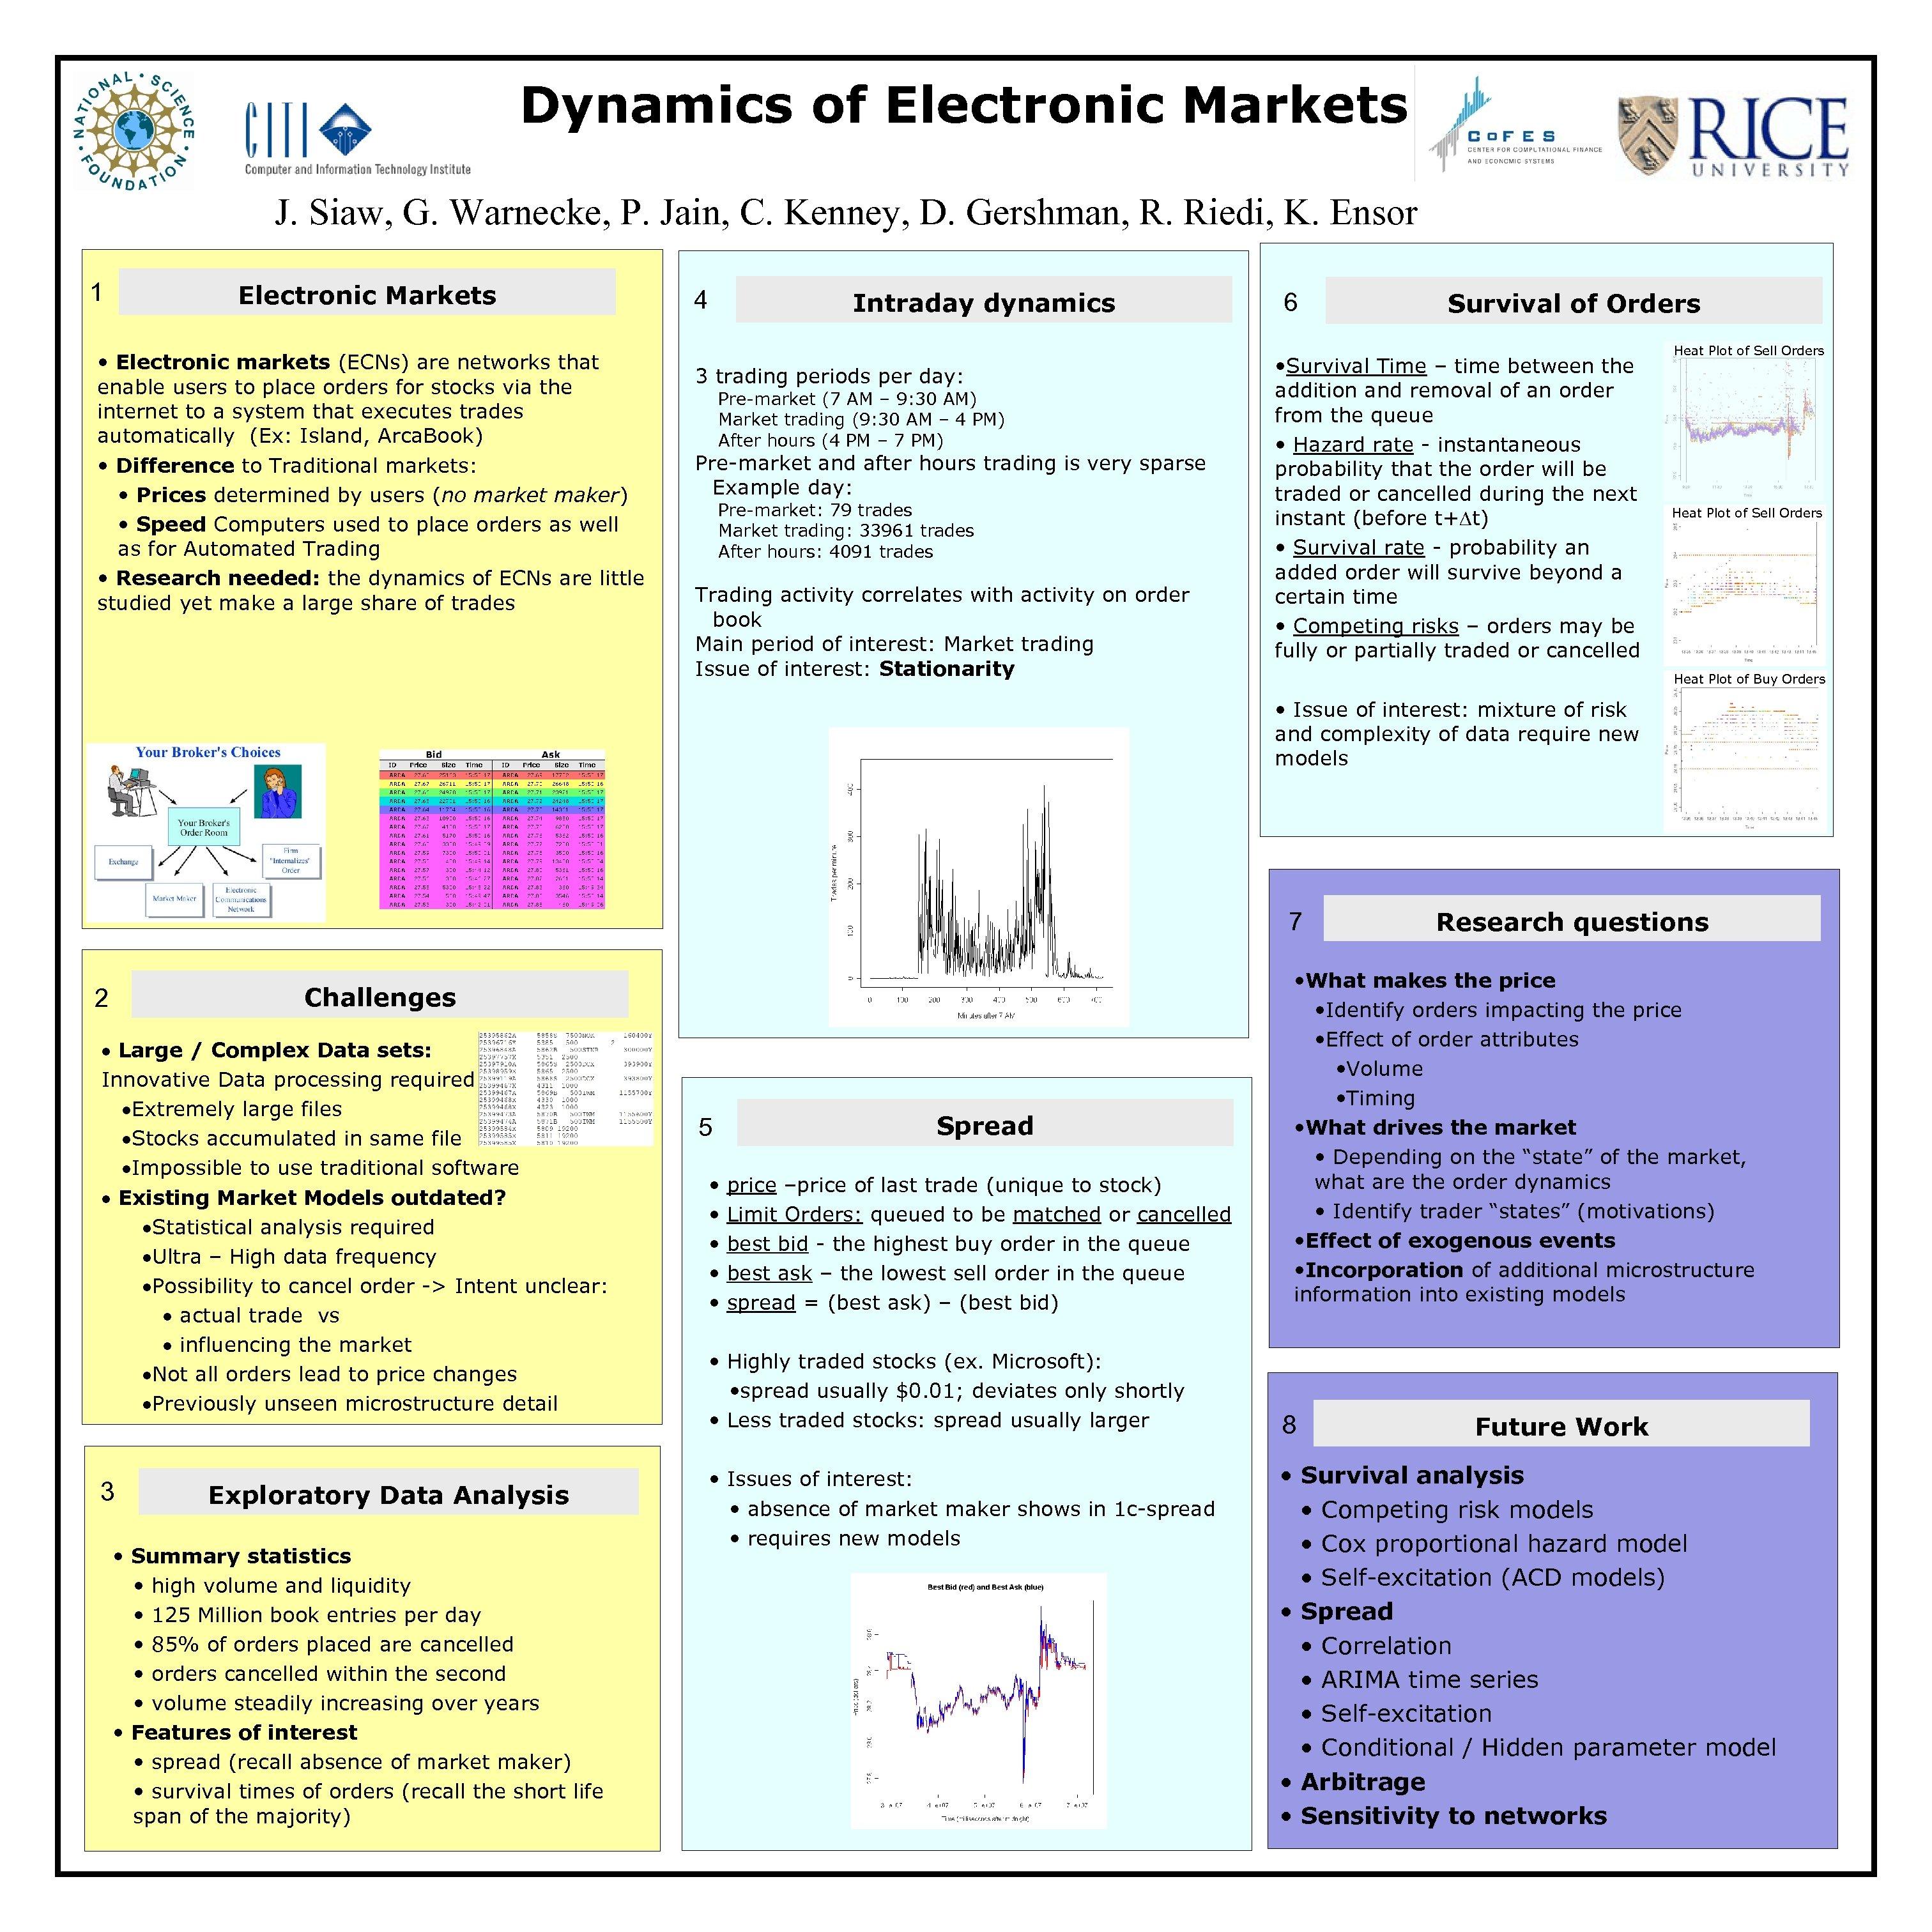 Dynamics of Electronic Markets J. Siaw, G. Warnecke, P. Jain, C. Kenney, D. Gershman,